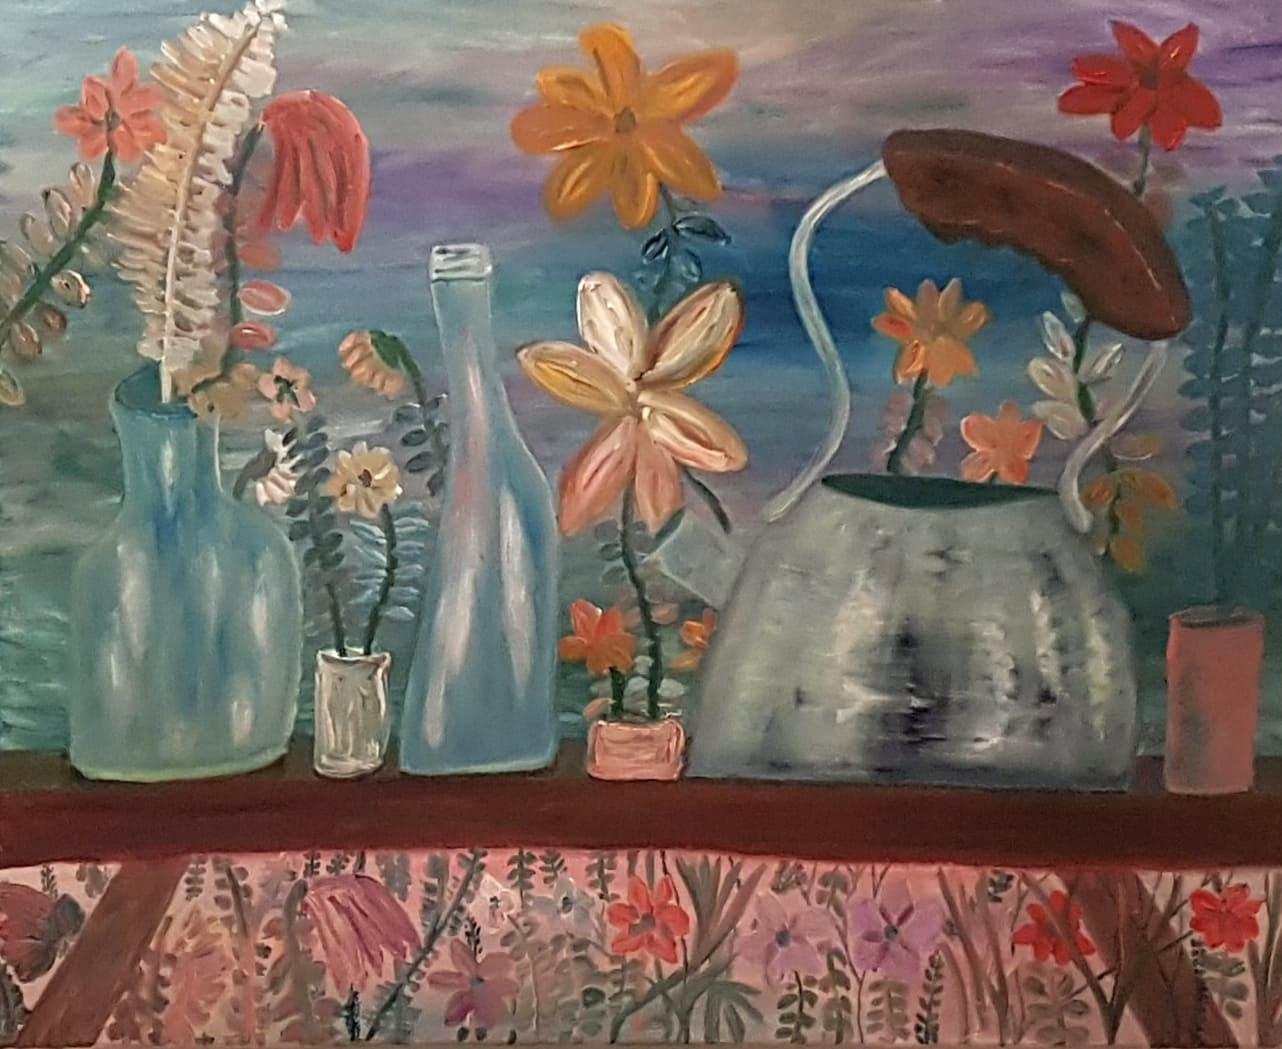 Dondi Schwartz, Kontrapunkt (Counterpoint), oil on canvas, 80x100 cm